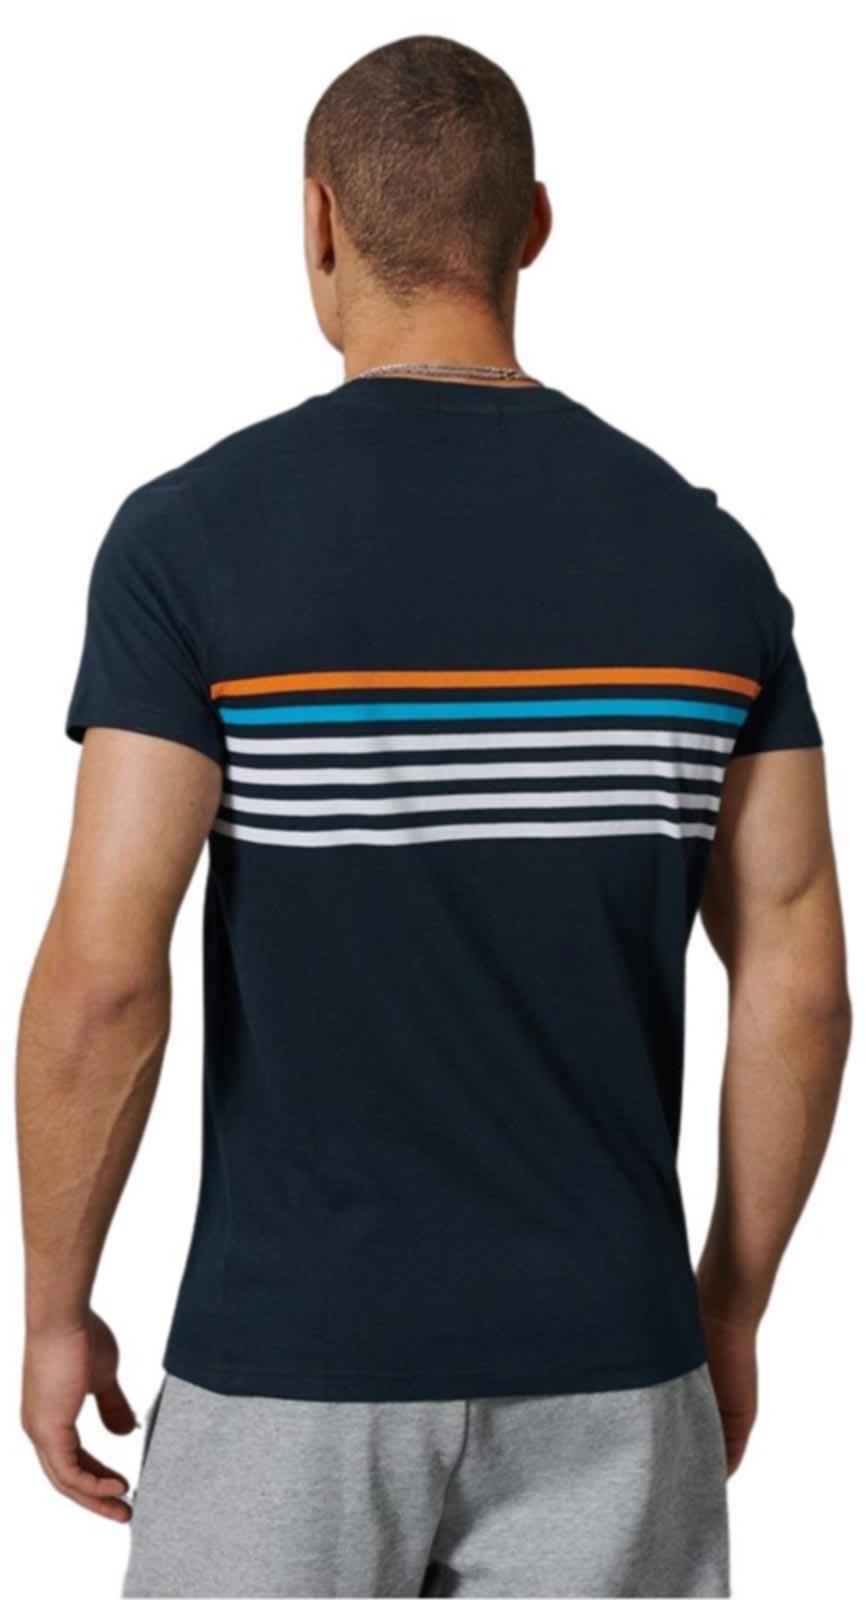 Camiseta-Top-de-Superdry-en-estilos-surtidos miniatura 60